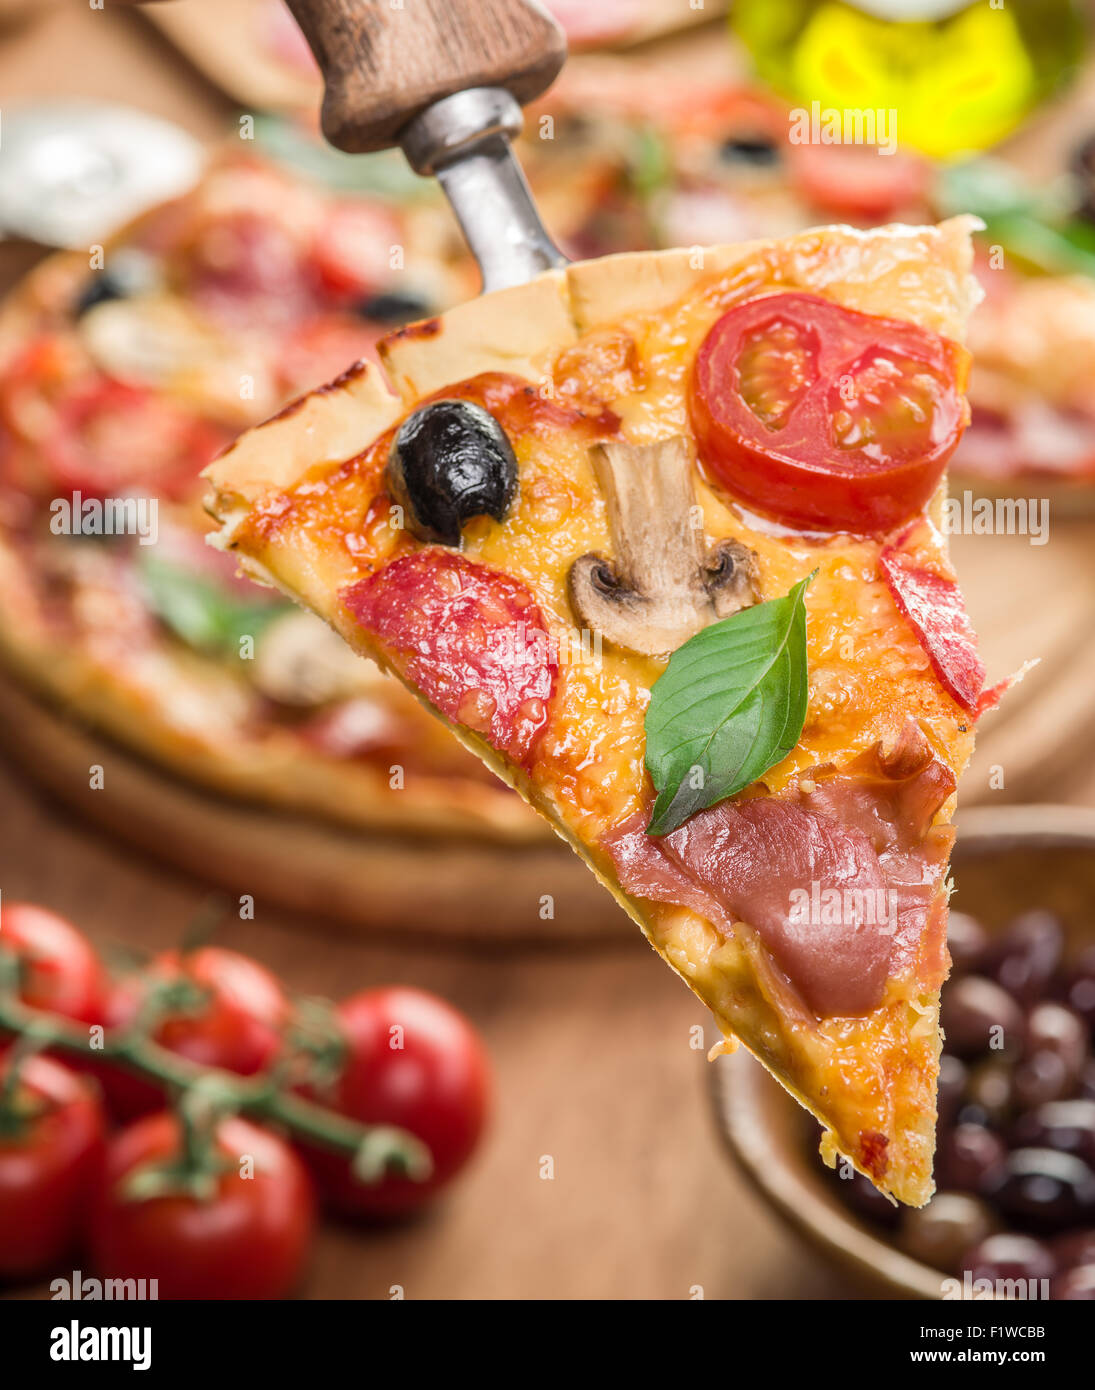 Pezzi di pizza con funghi, prosciutto e pomodori. Vista dall'alto. Immagini Stock